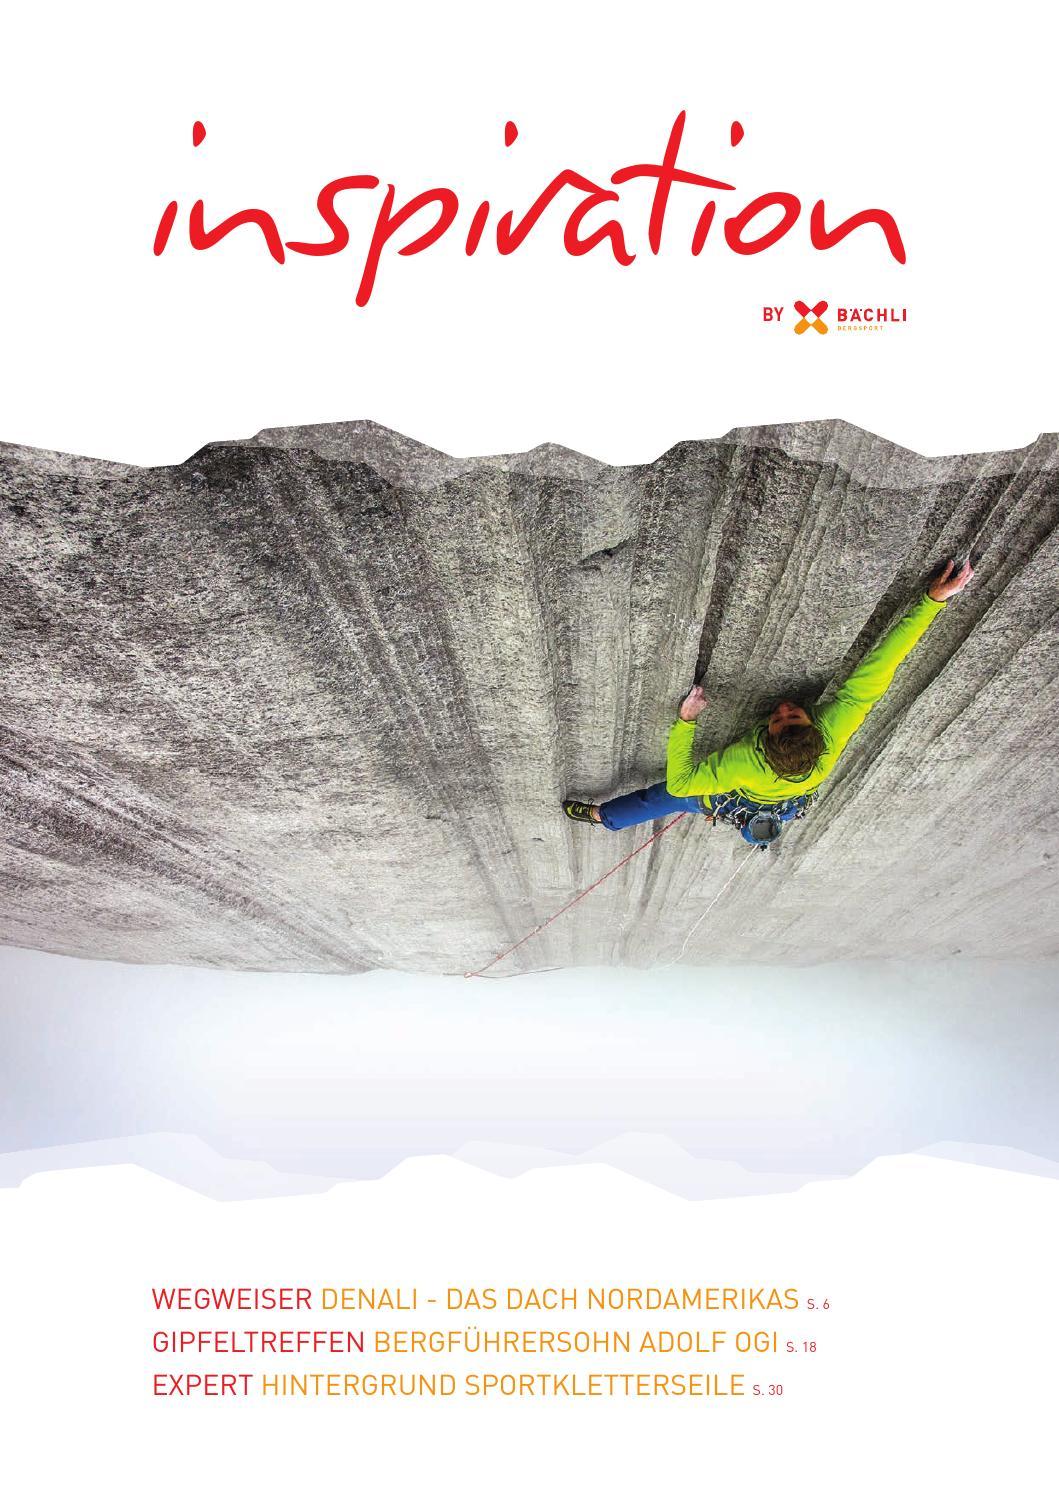 Baechli inspiration 15 2 by ALPENBLICKDREI Werbeagentur GmbH